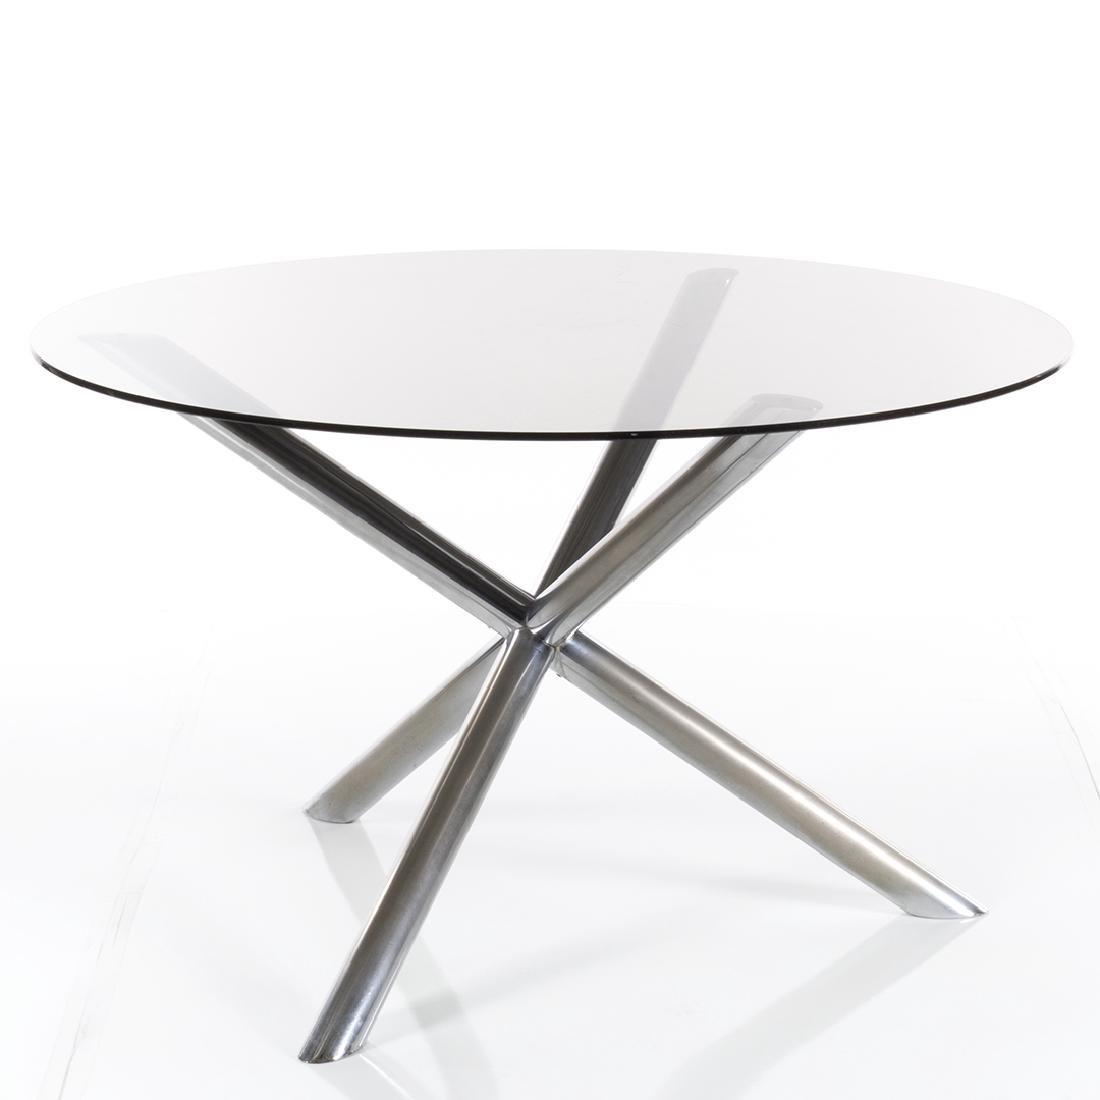 Milo Baughman Jack Table - 2